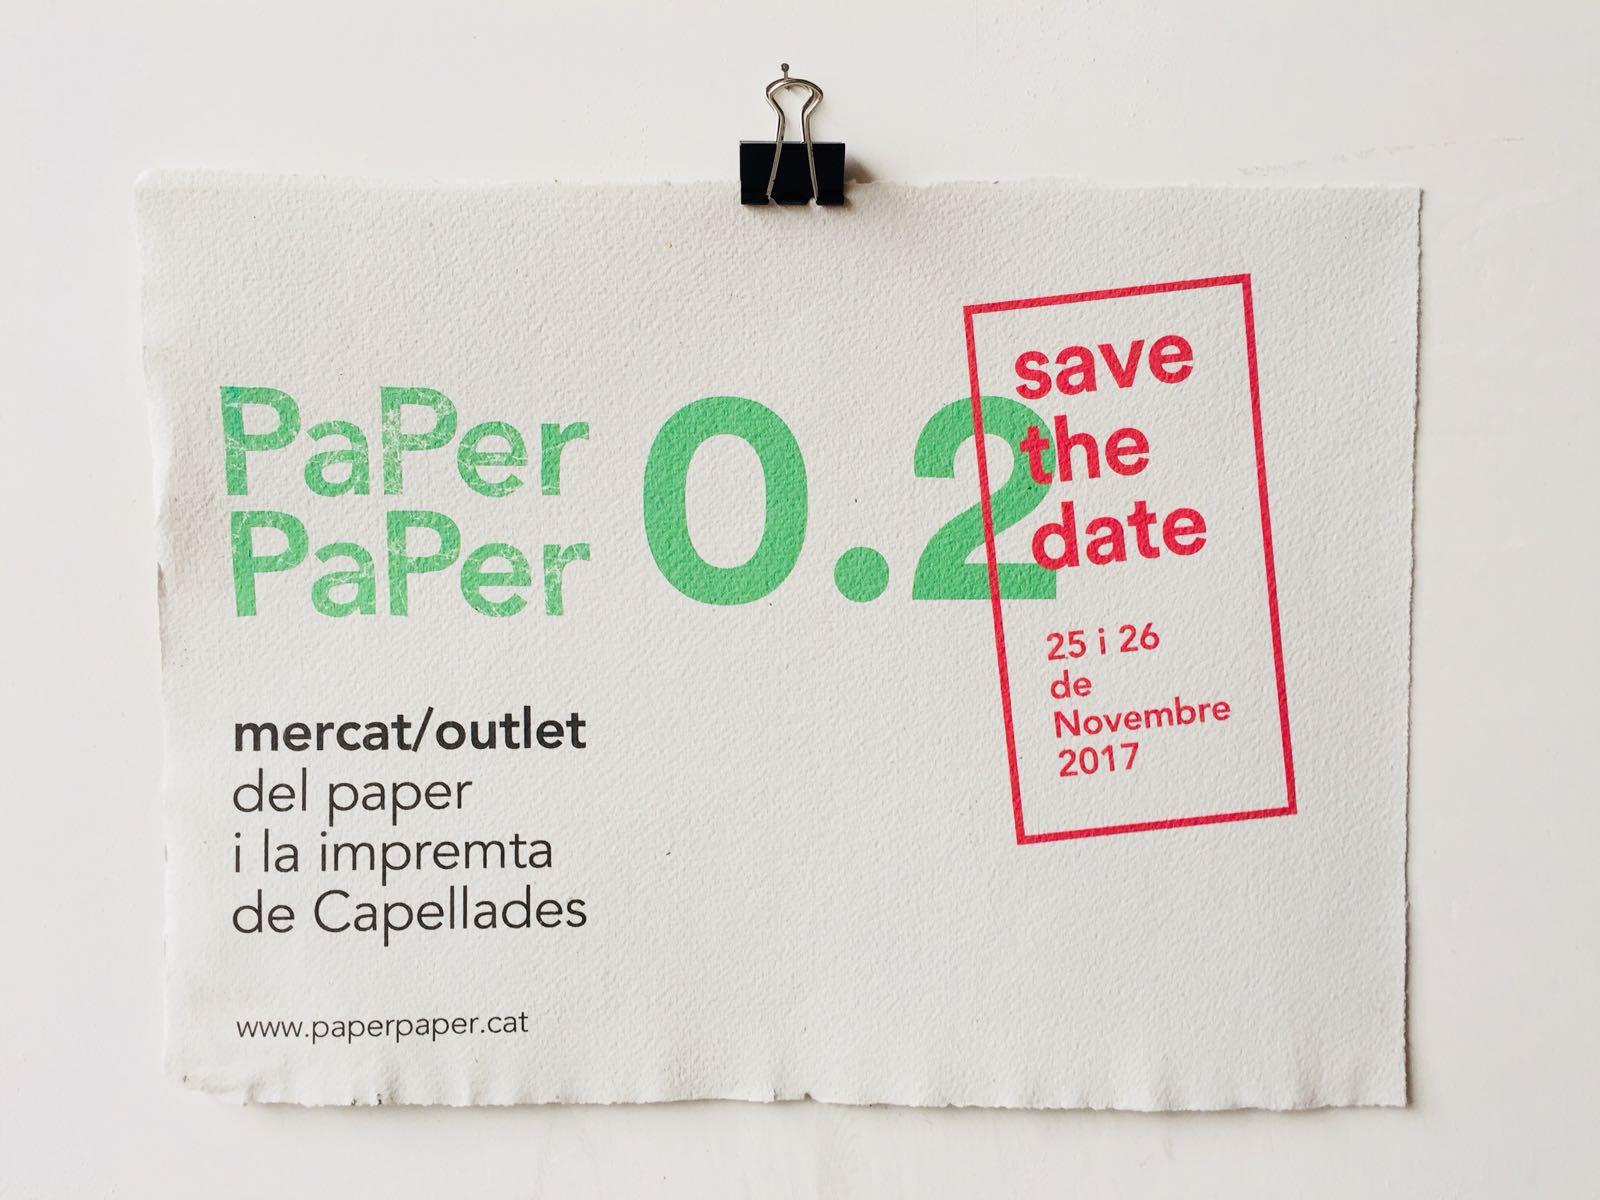 Mercado 25-26/11 > PaPer PaPer 0.2: ¡Volvemos al outlet del papel y la impresión artesanal!